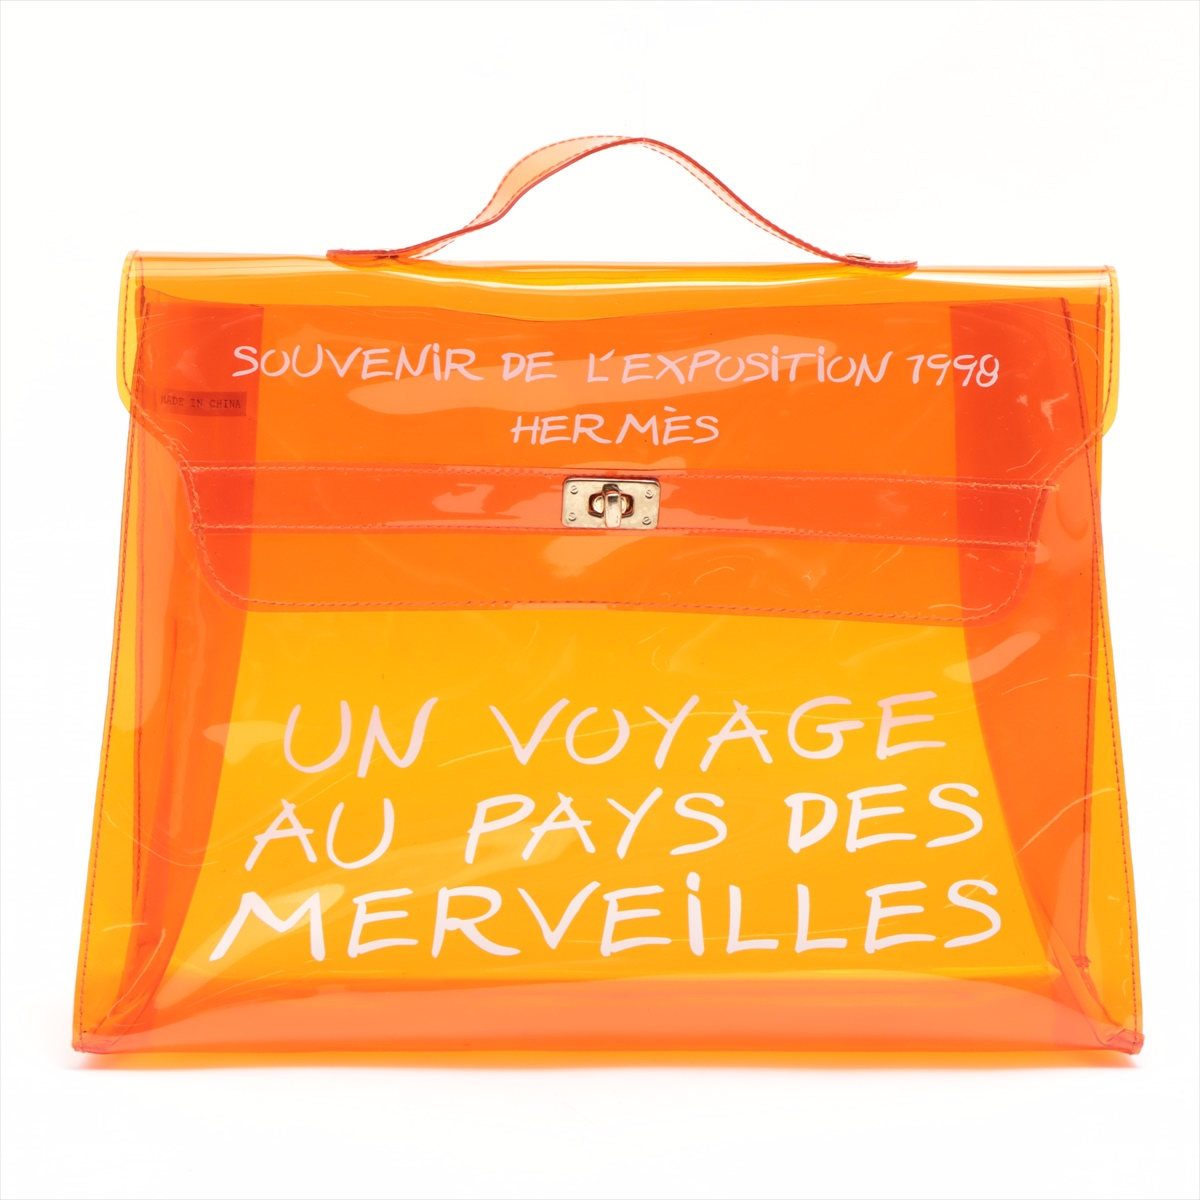 中古 エルメス ビニールケリー オレンジ 迅速な対応で商品をお届け致します ビニール 物品